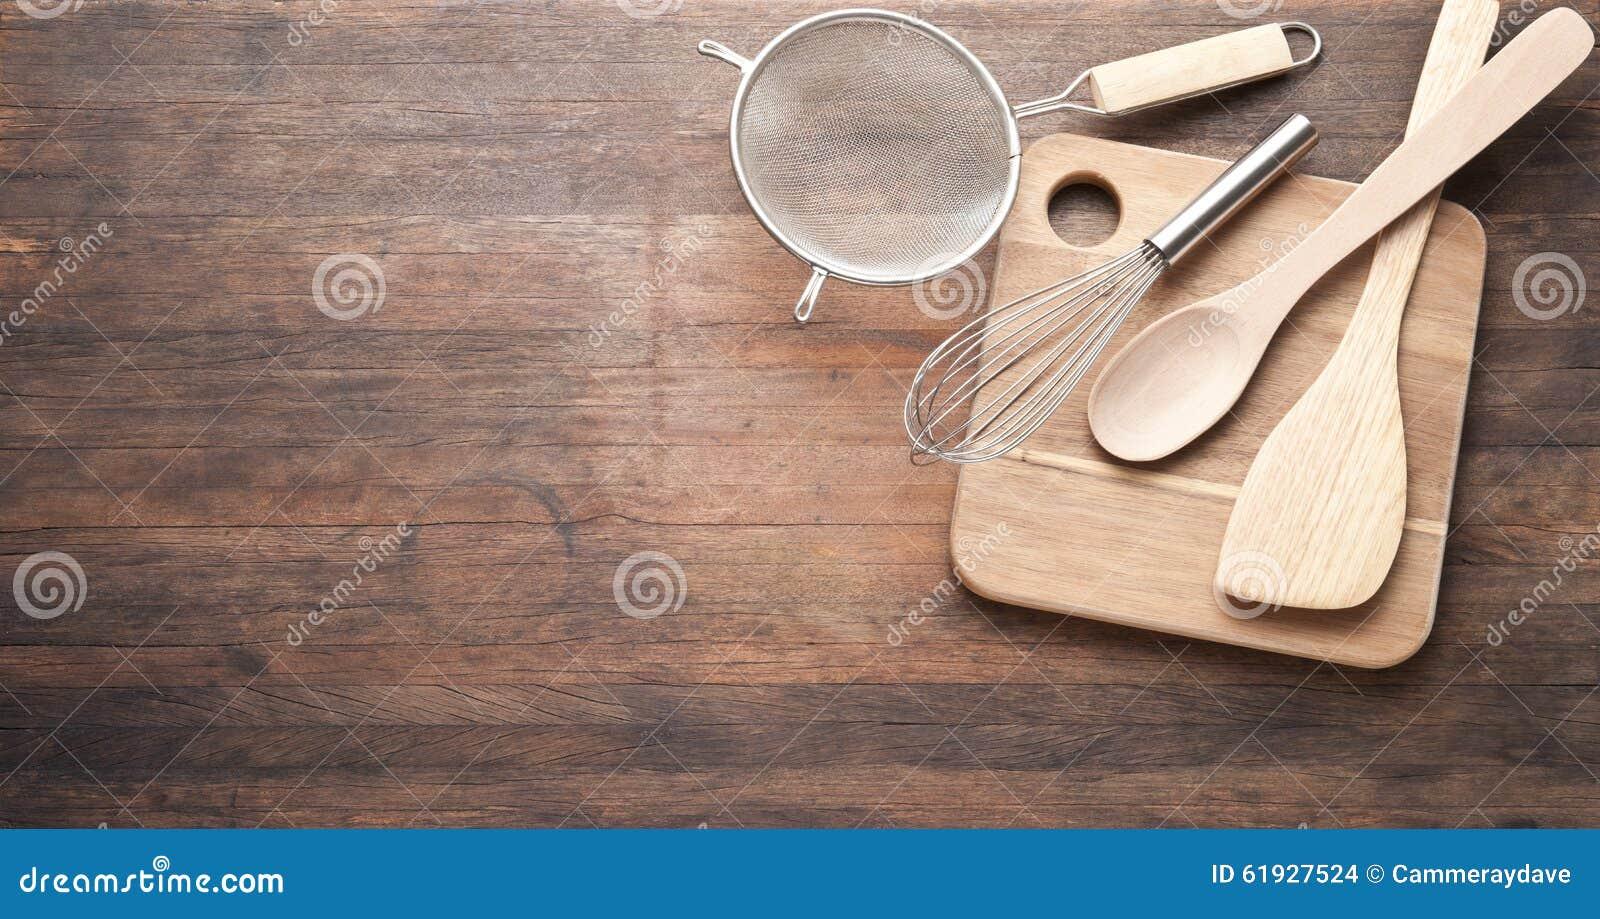 Fundo da madeira dos utensílios de cozimento